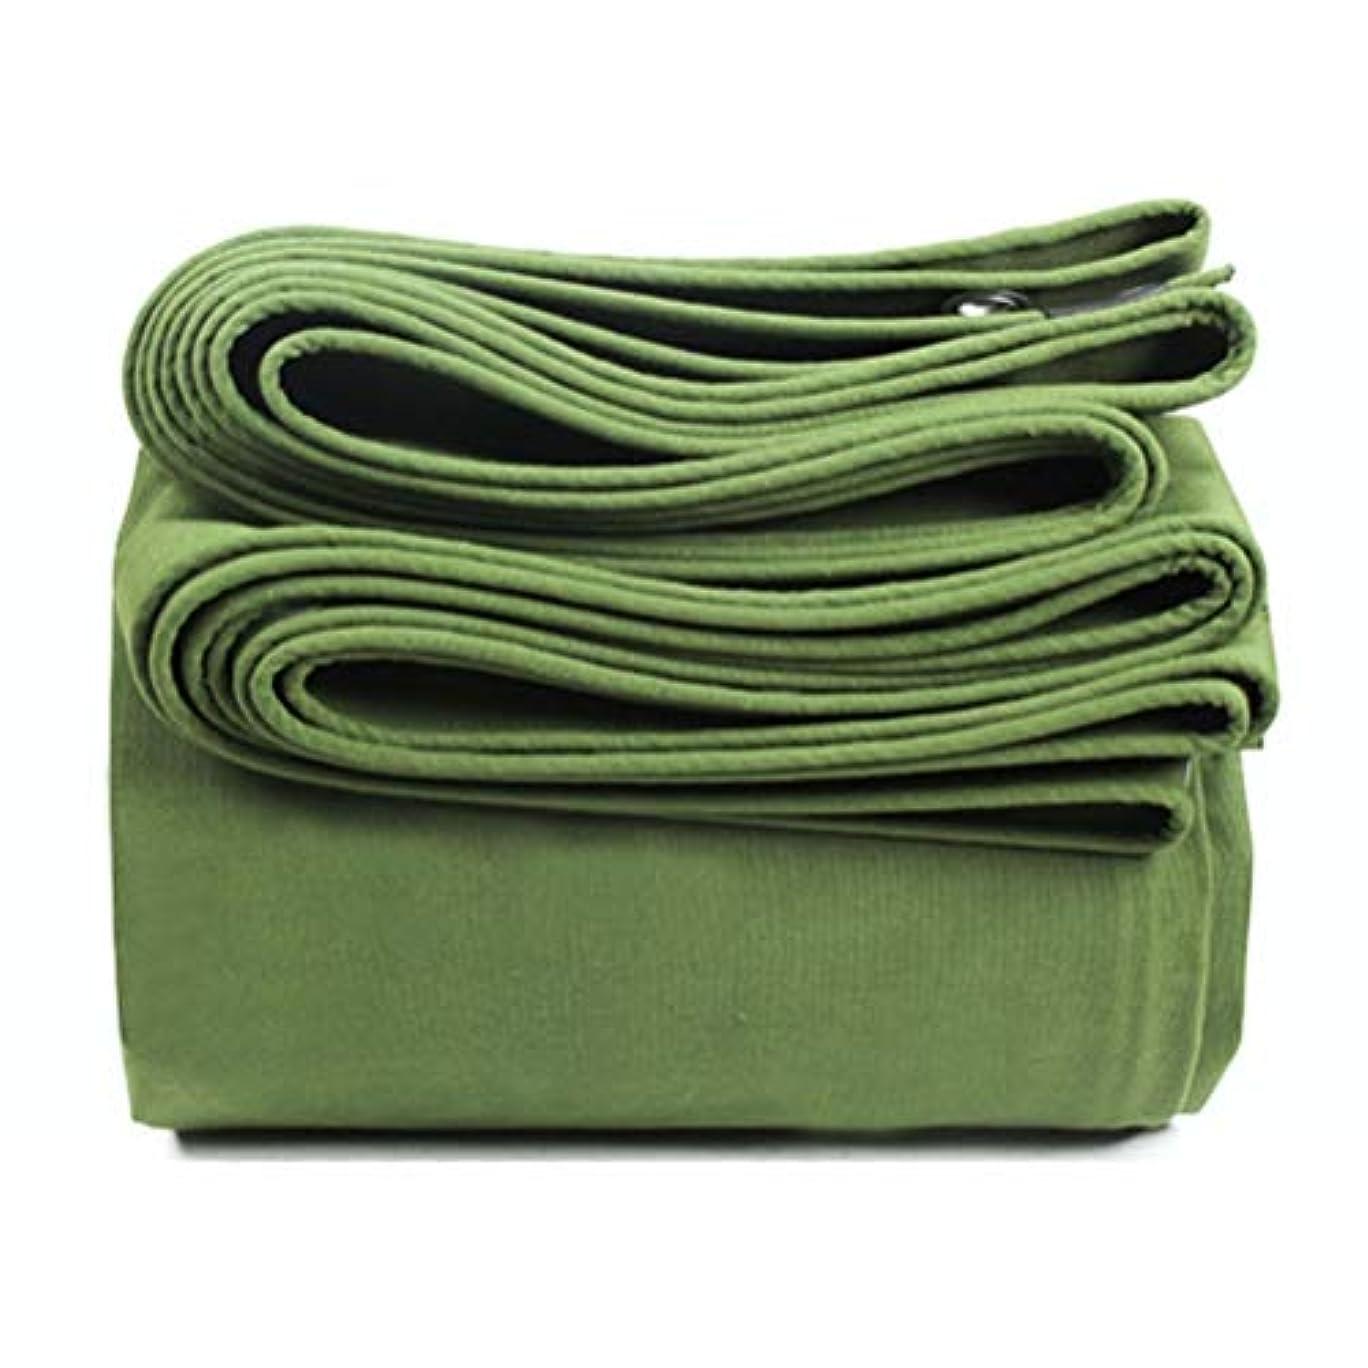 正直パキスタン人心から防水シートリノリウム Green Economy Tarpaulin - 防水屋外釣りキャンプグランドシートカバー ZHANGQIANG (Color : A, Size : 3mx4m)